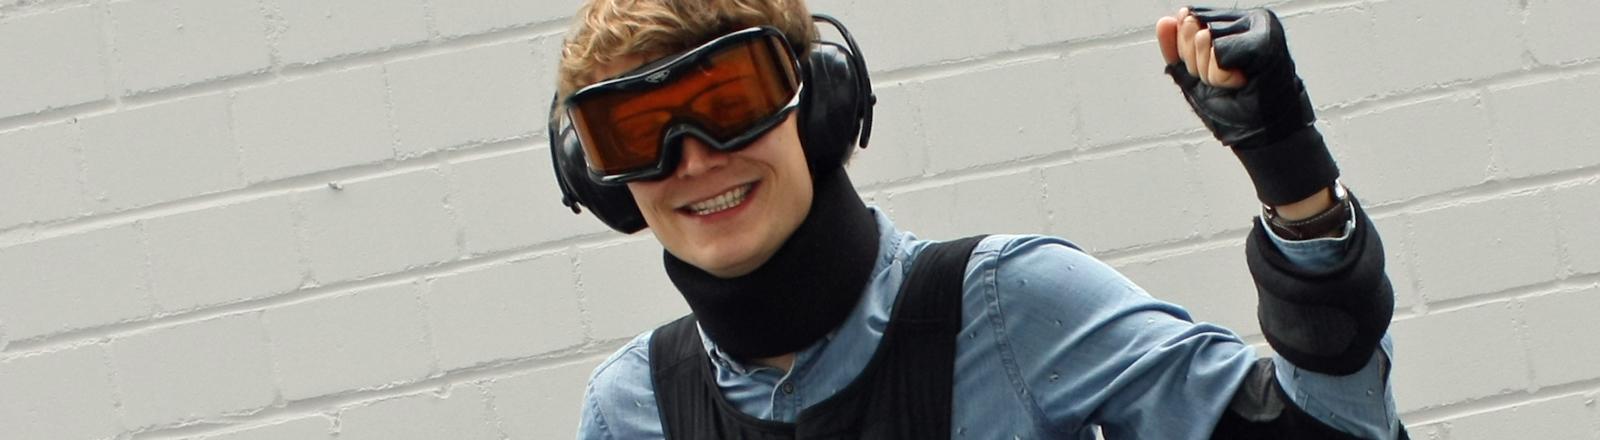 DRadio-Wissen-Reporter Johannes Döbbelt macht alt: Er hat sich einen Alters-Simulator angezogen.